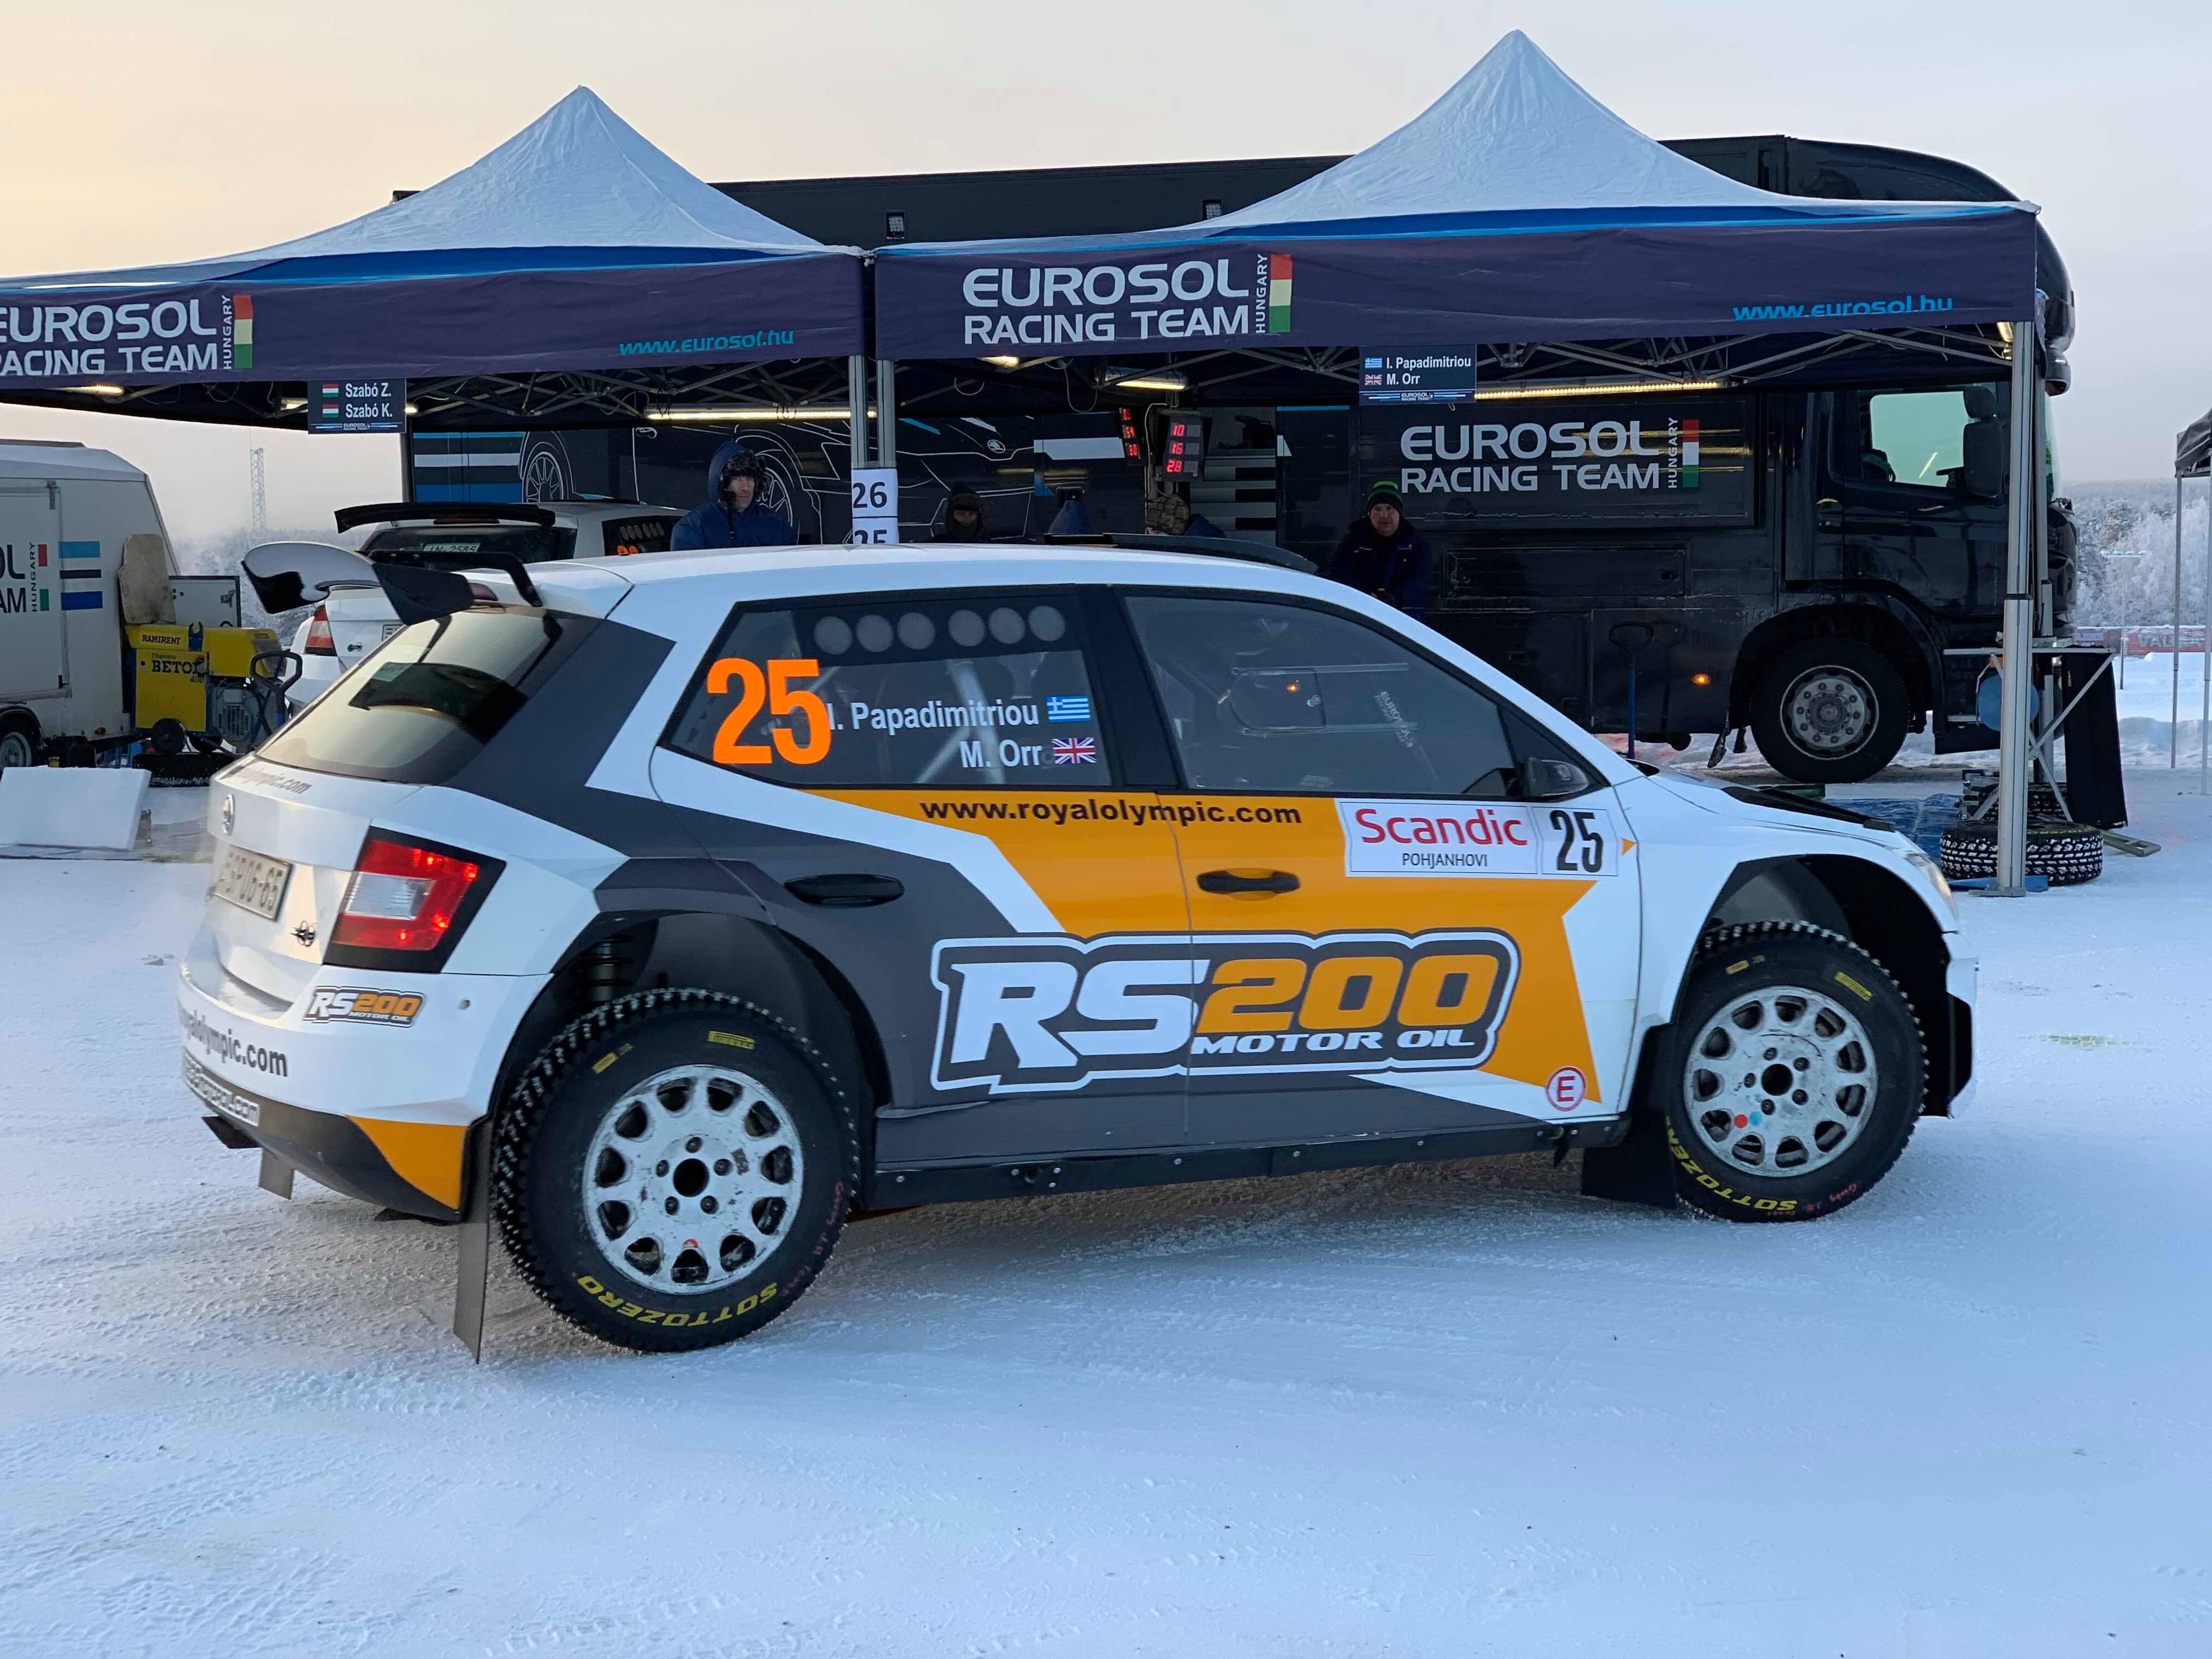 Ράλλυ Αρκτικής - RS200 Motor Oil Team: Δεν τα κατάφερε στο Ράλλυ Αρκτικής ο Παπαδημητρίου